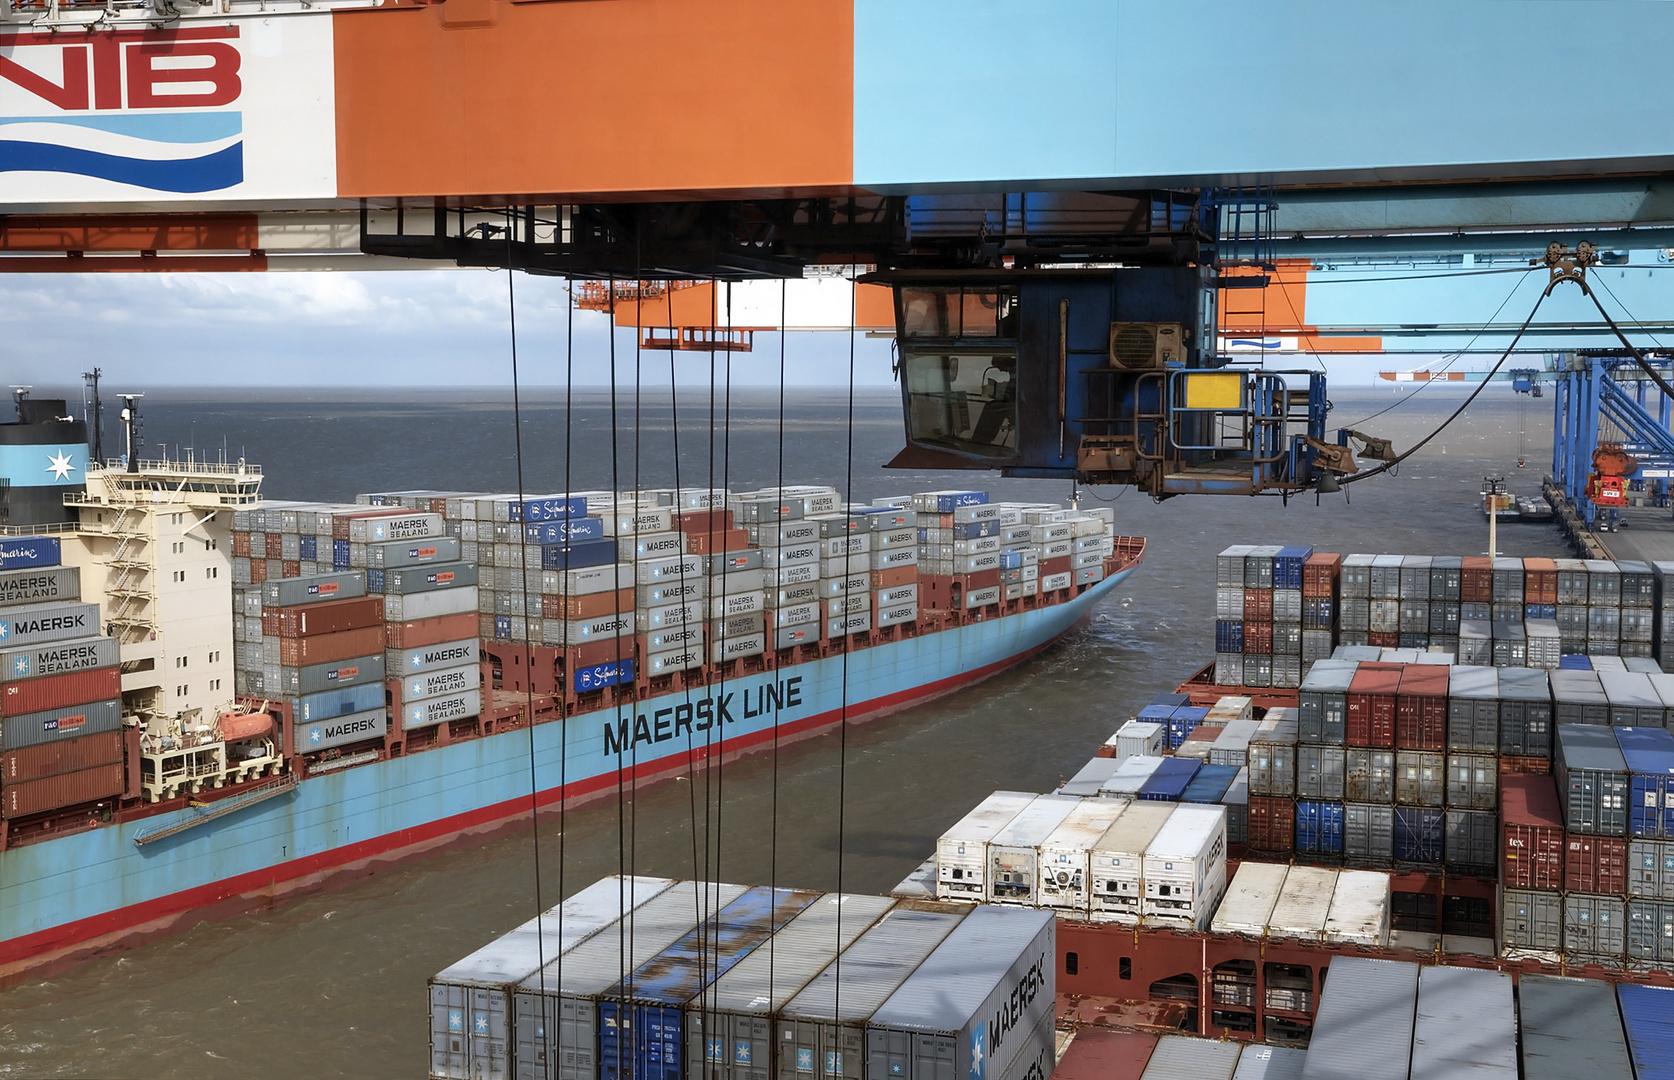 Von der Brücke der Evelyn Maersk aus gesehen. Hafen Bremerhaven.